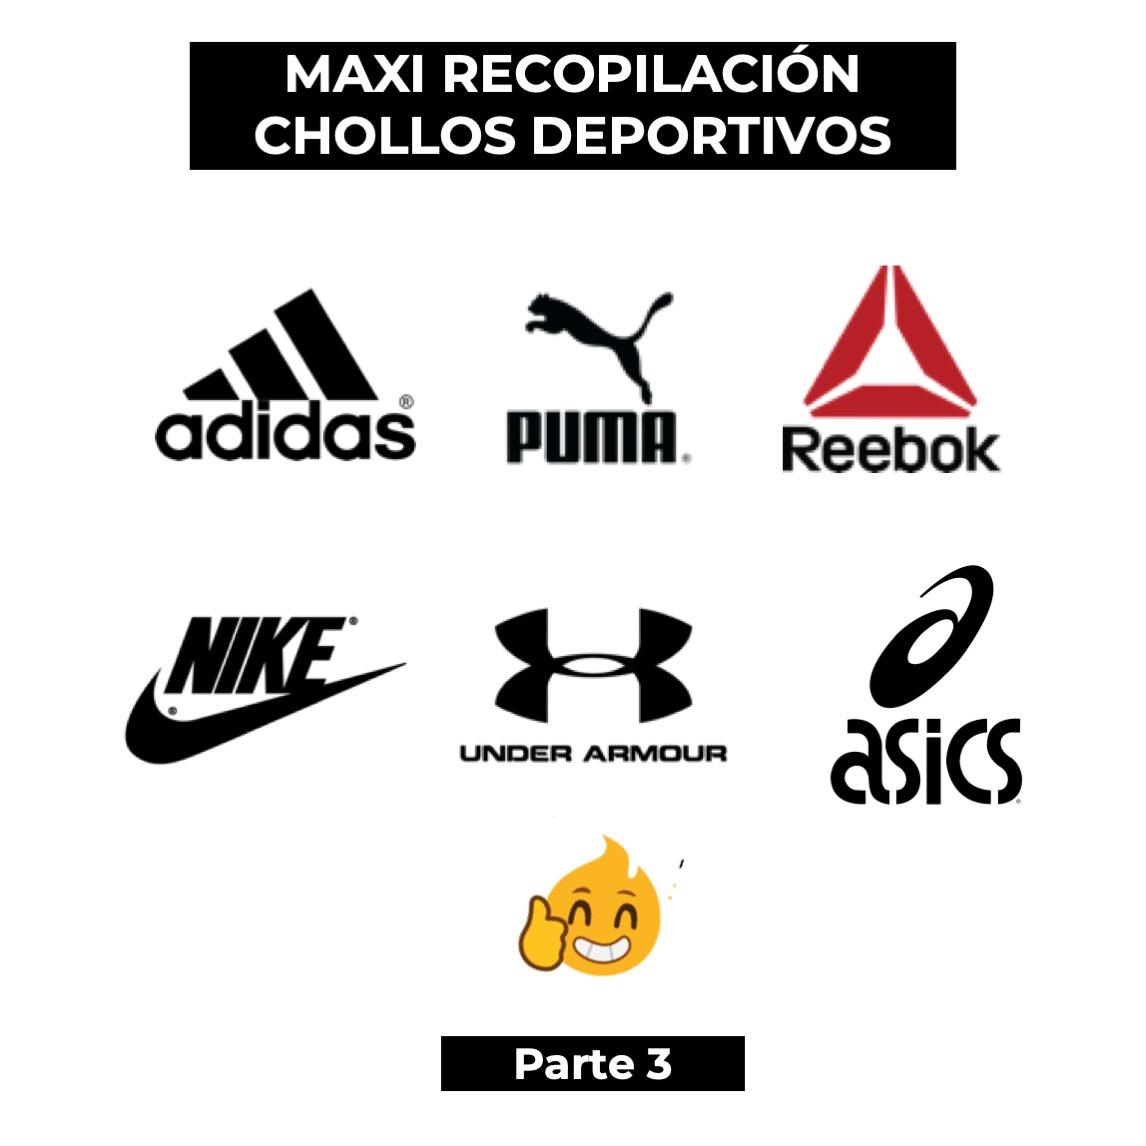 MAXI Recopilación de chollos deportivos ADIDAS, NIKE, PUMA, Under Armour, REEBOK, ASICS... - PARTE 3